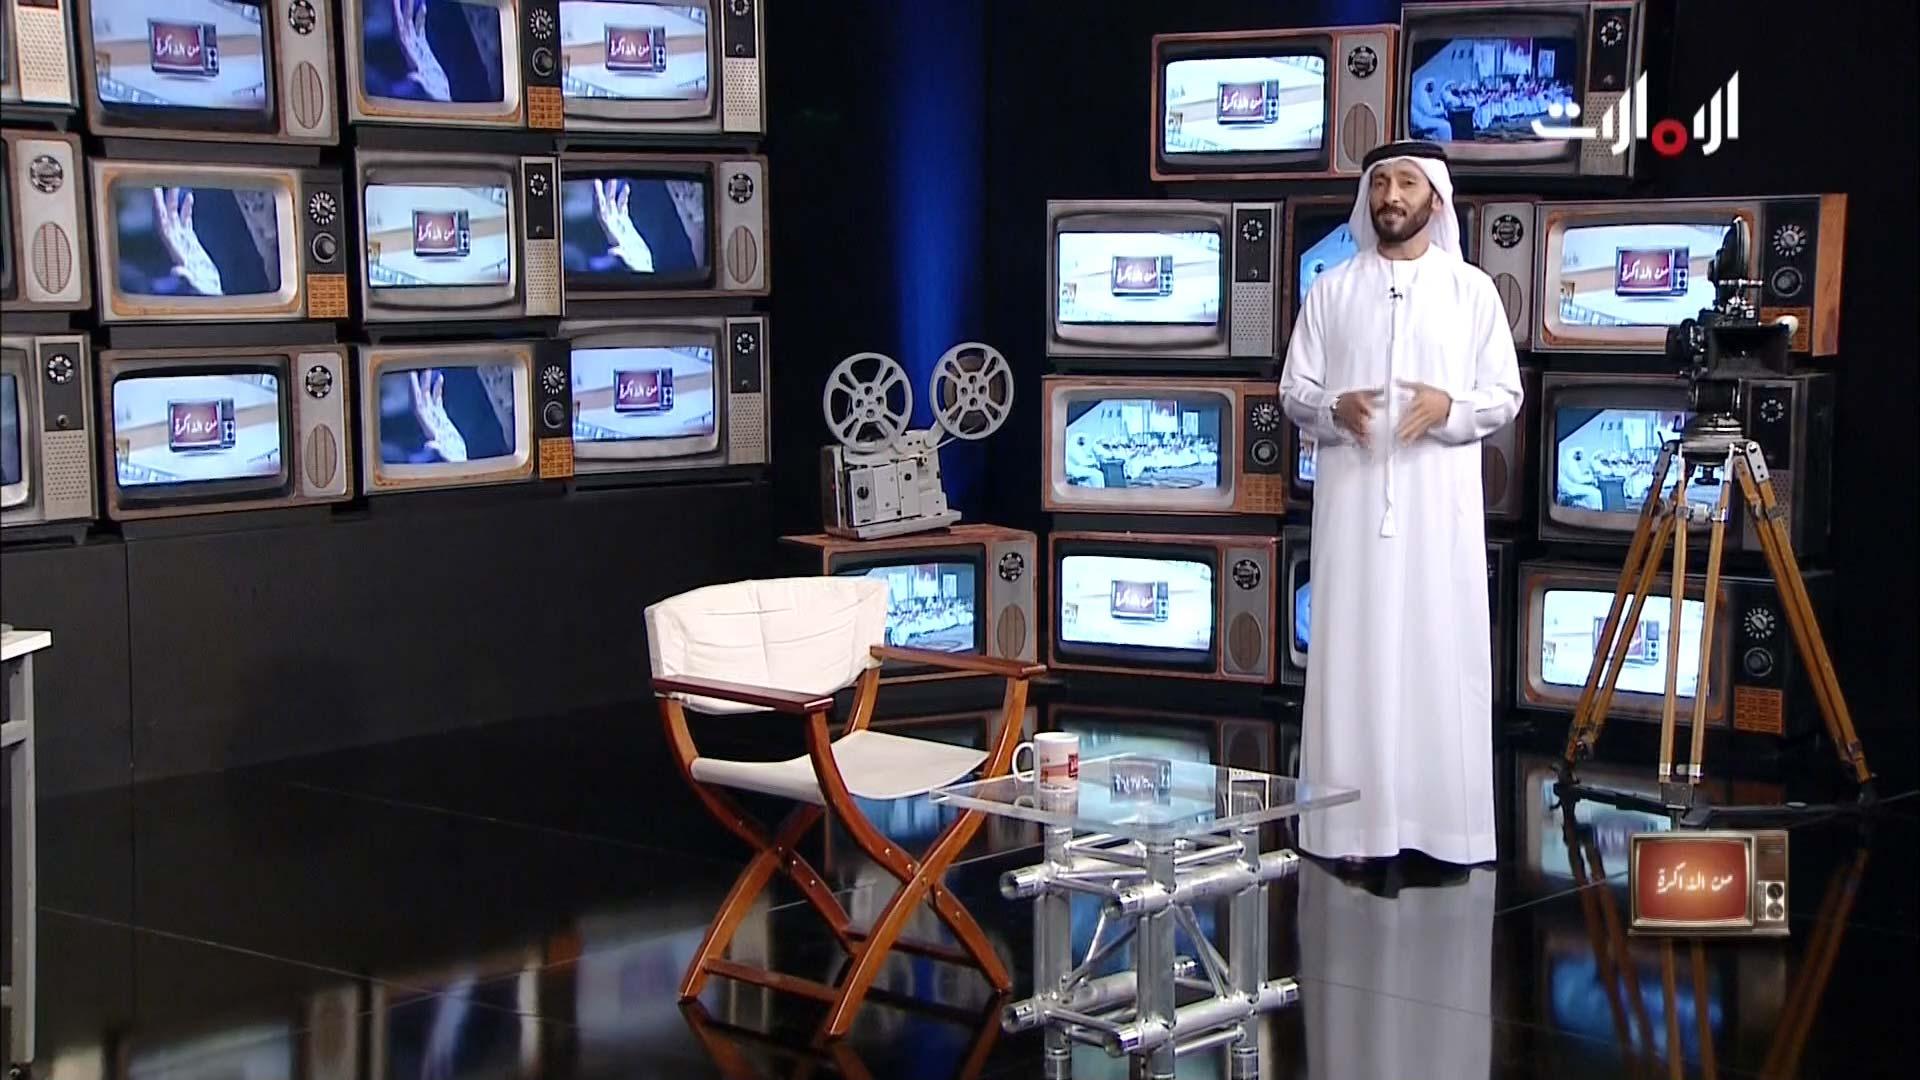 Frekuensi siaran Al Emarat TV HD di satelit AsiaSat 5 Terbaru